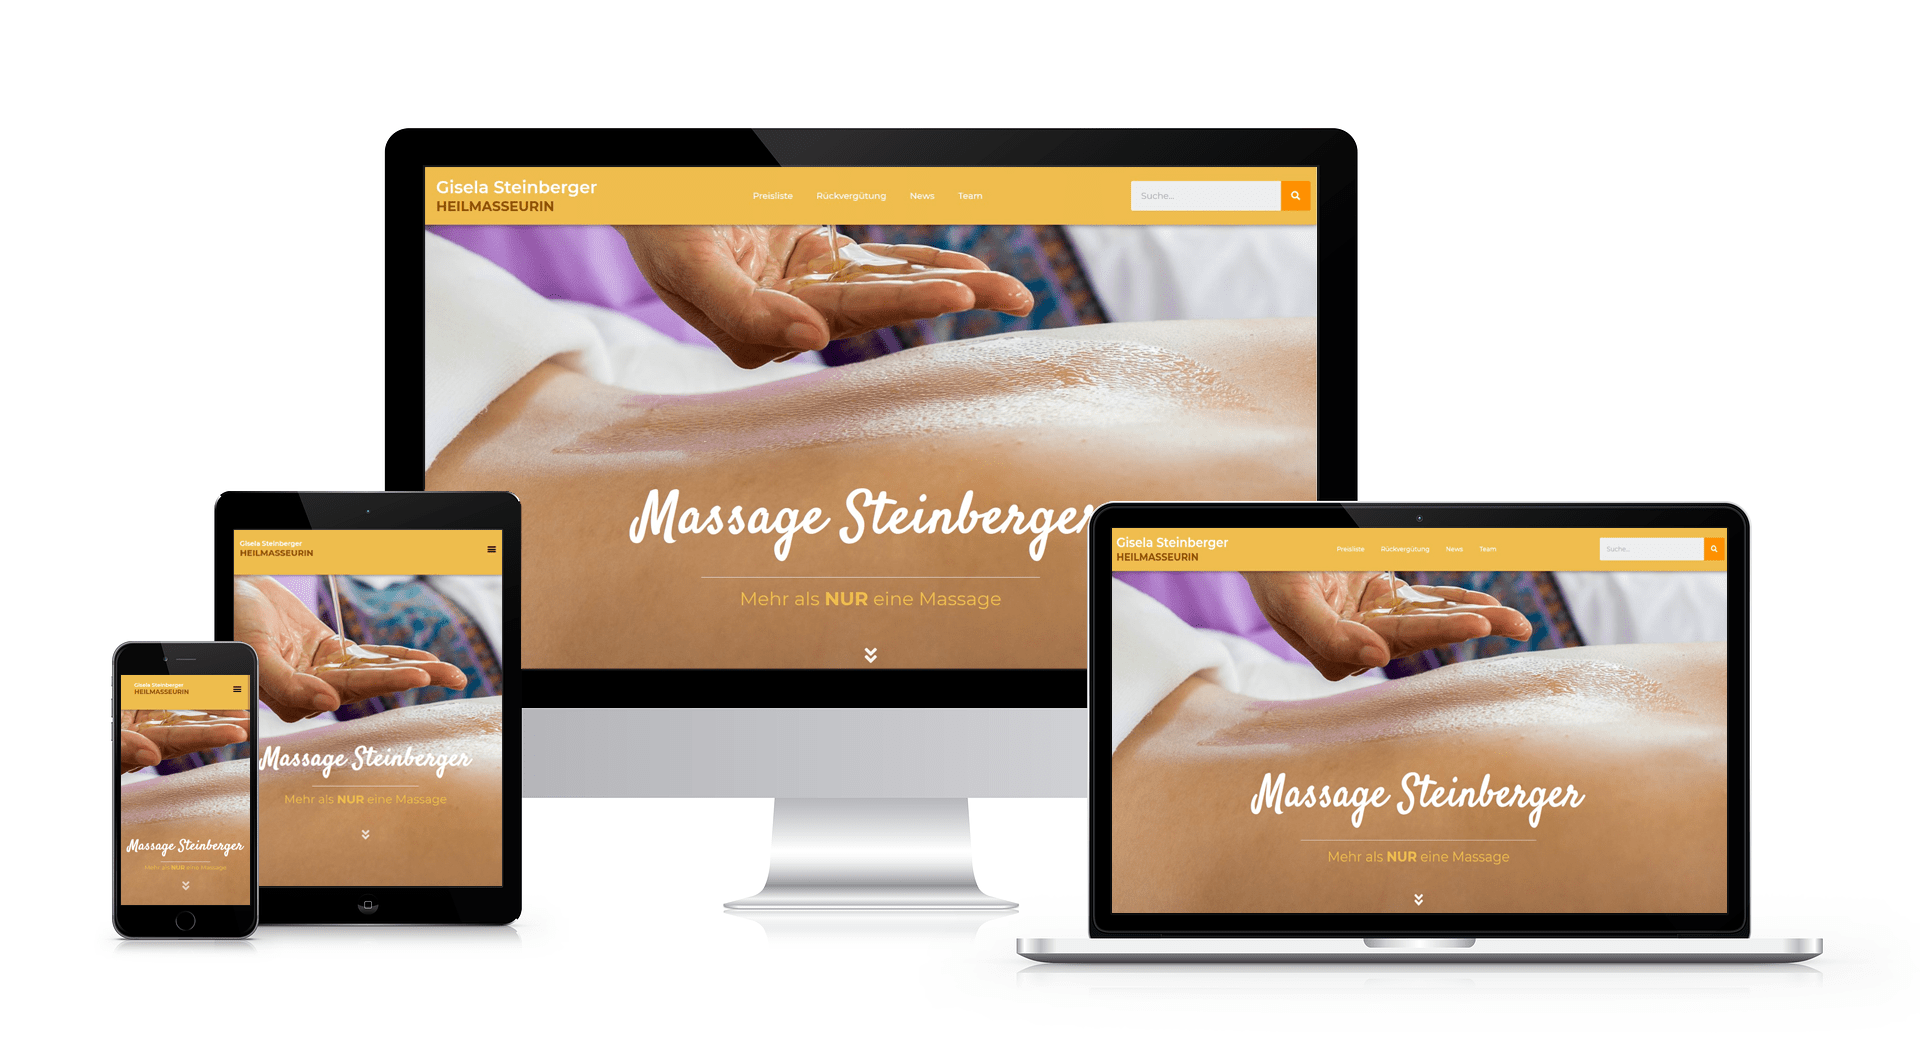 massage-steinberger